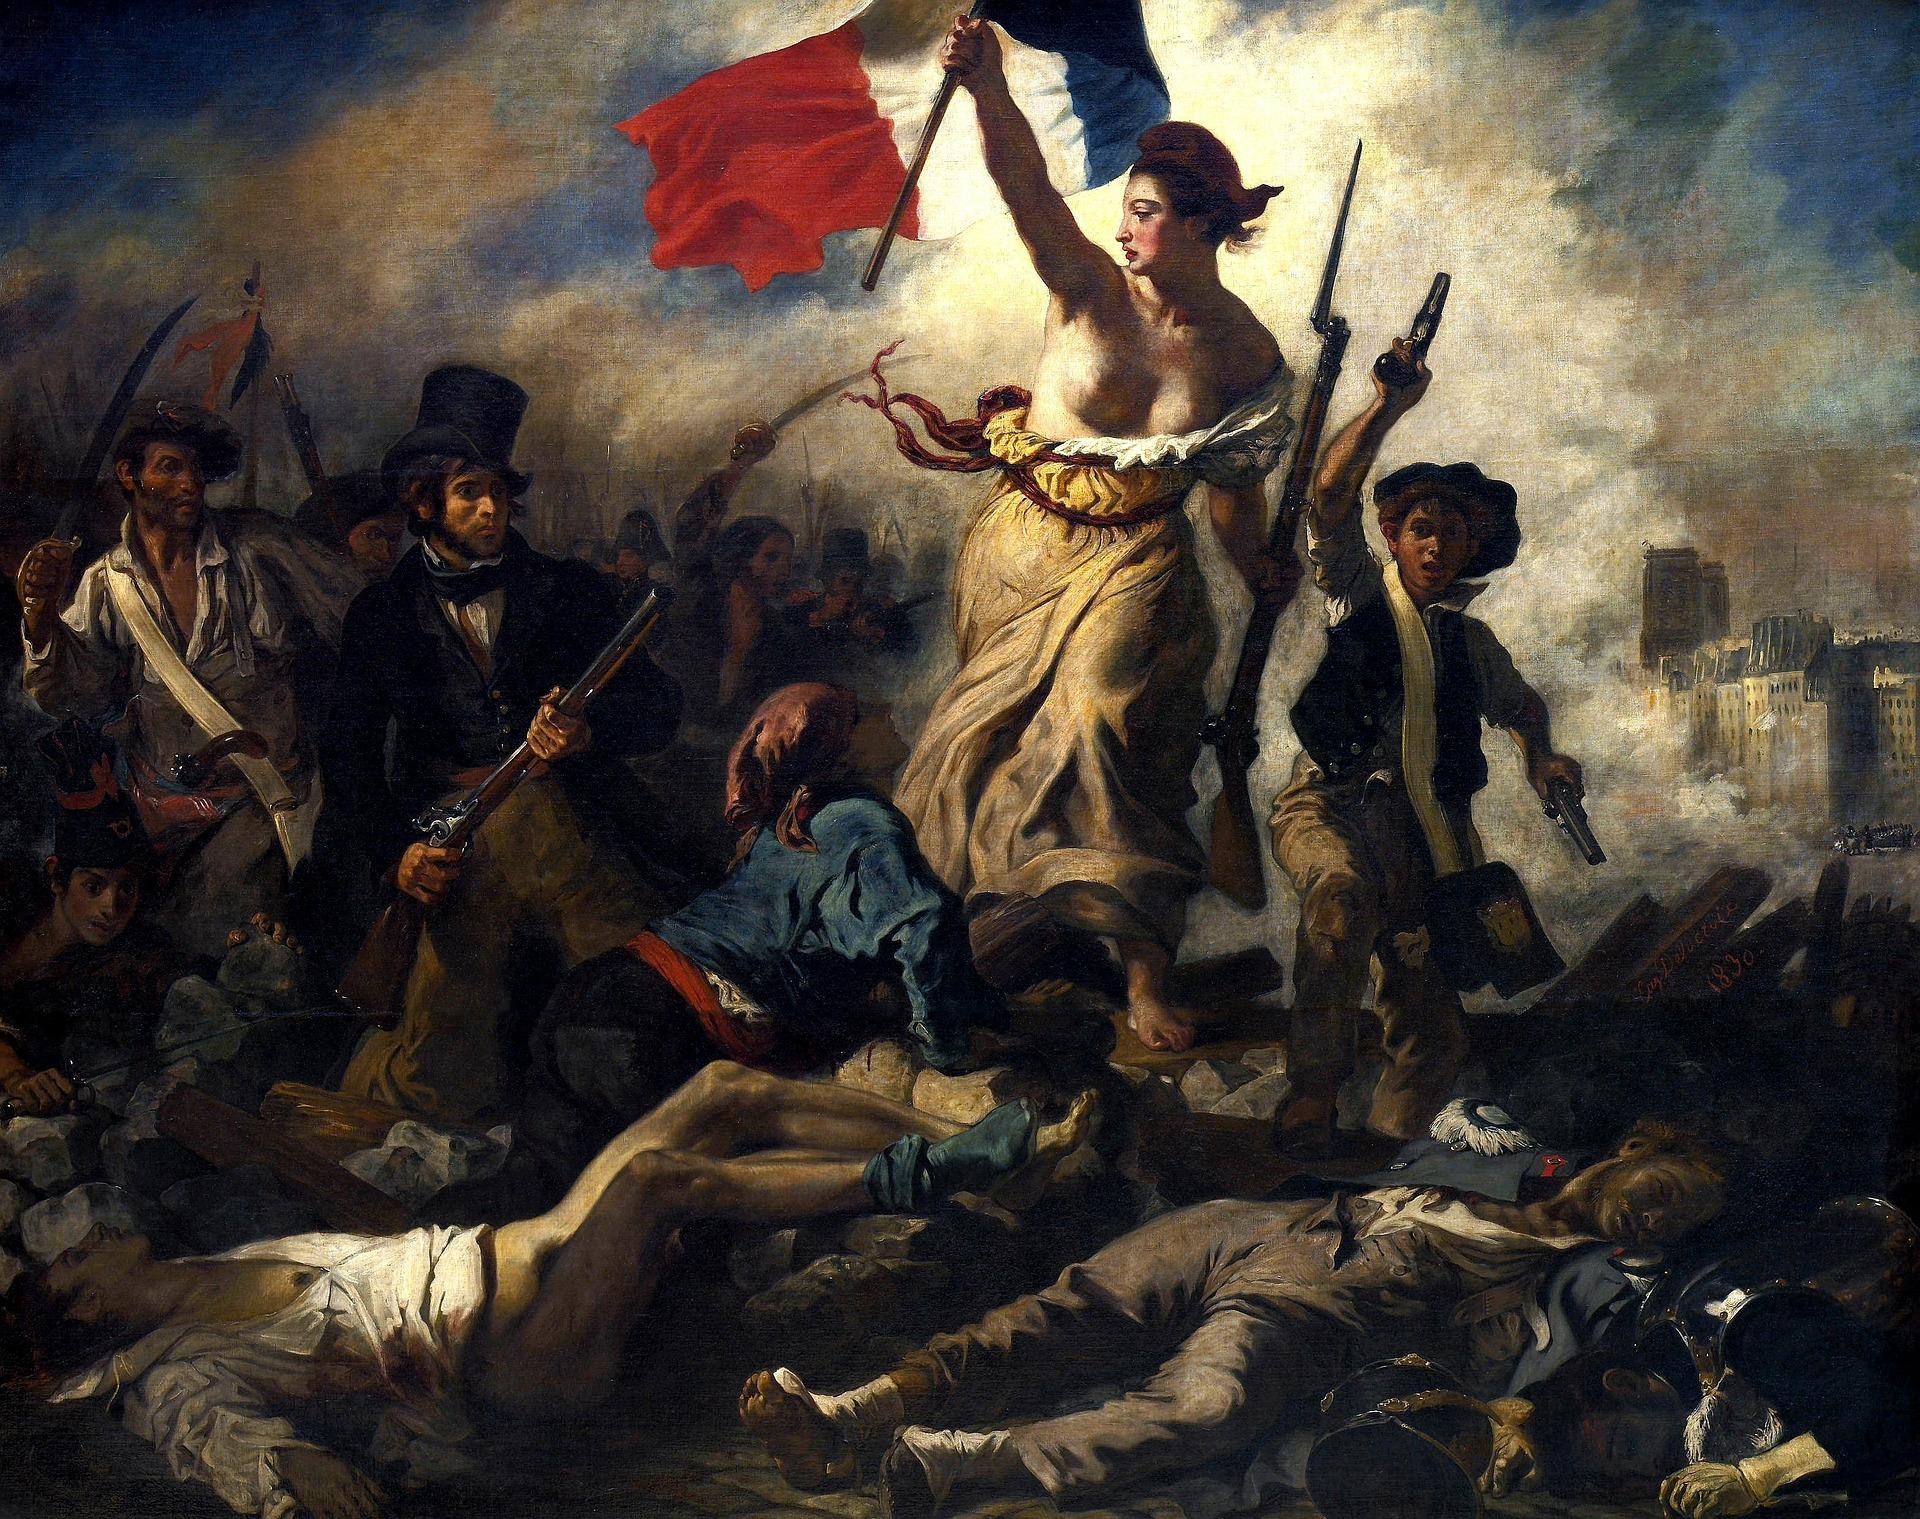 Anhänger der französischen Revolution ließen sich politische Motive stechen.